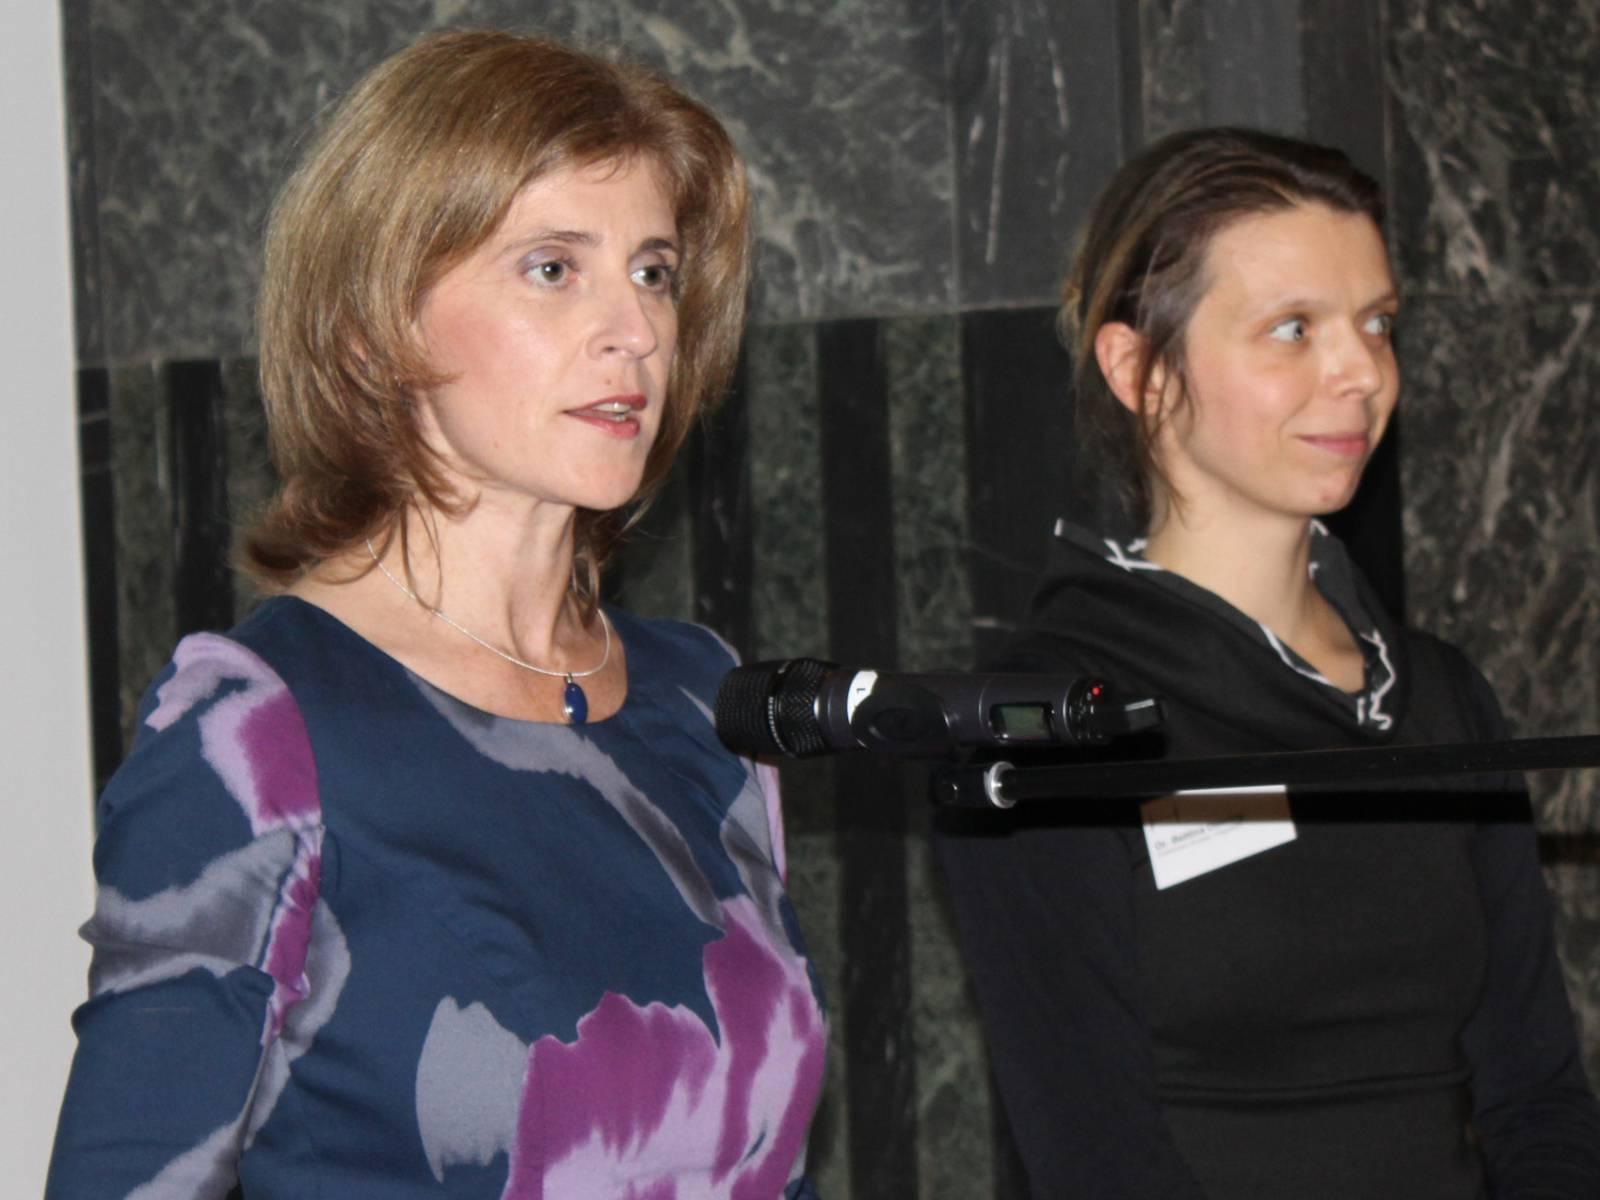 Zwei Frauen stehen nebeneinander im Mosaiksaal hinter einem Rednerinnenpult. Die Linke spricht.